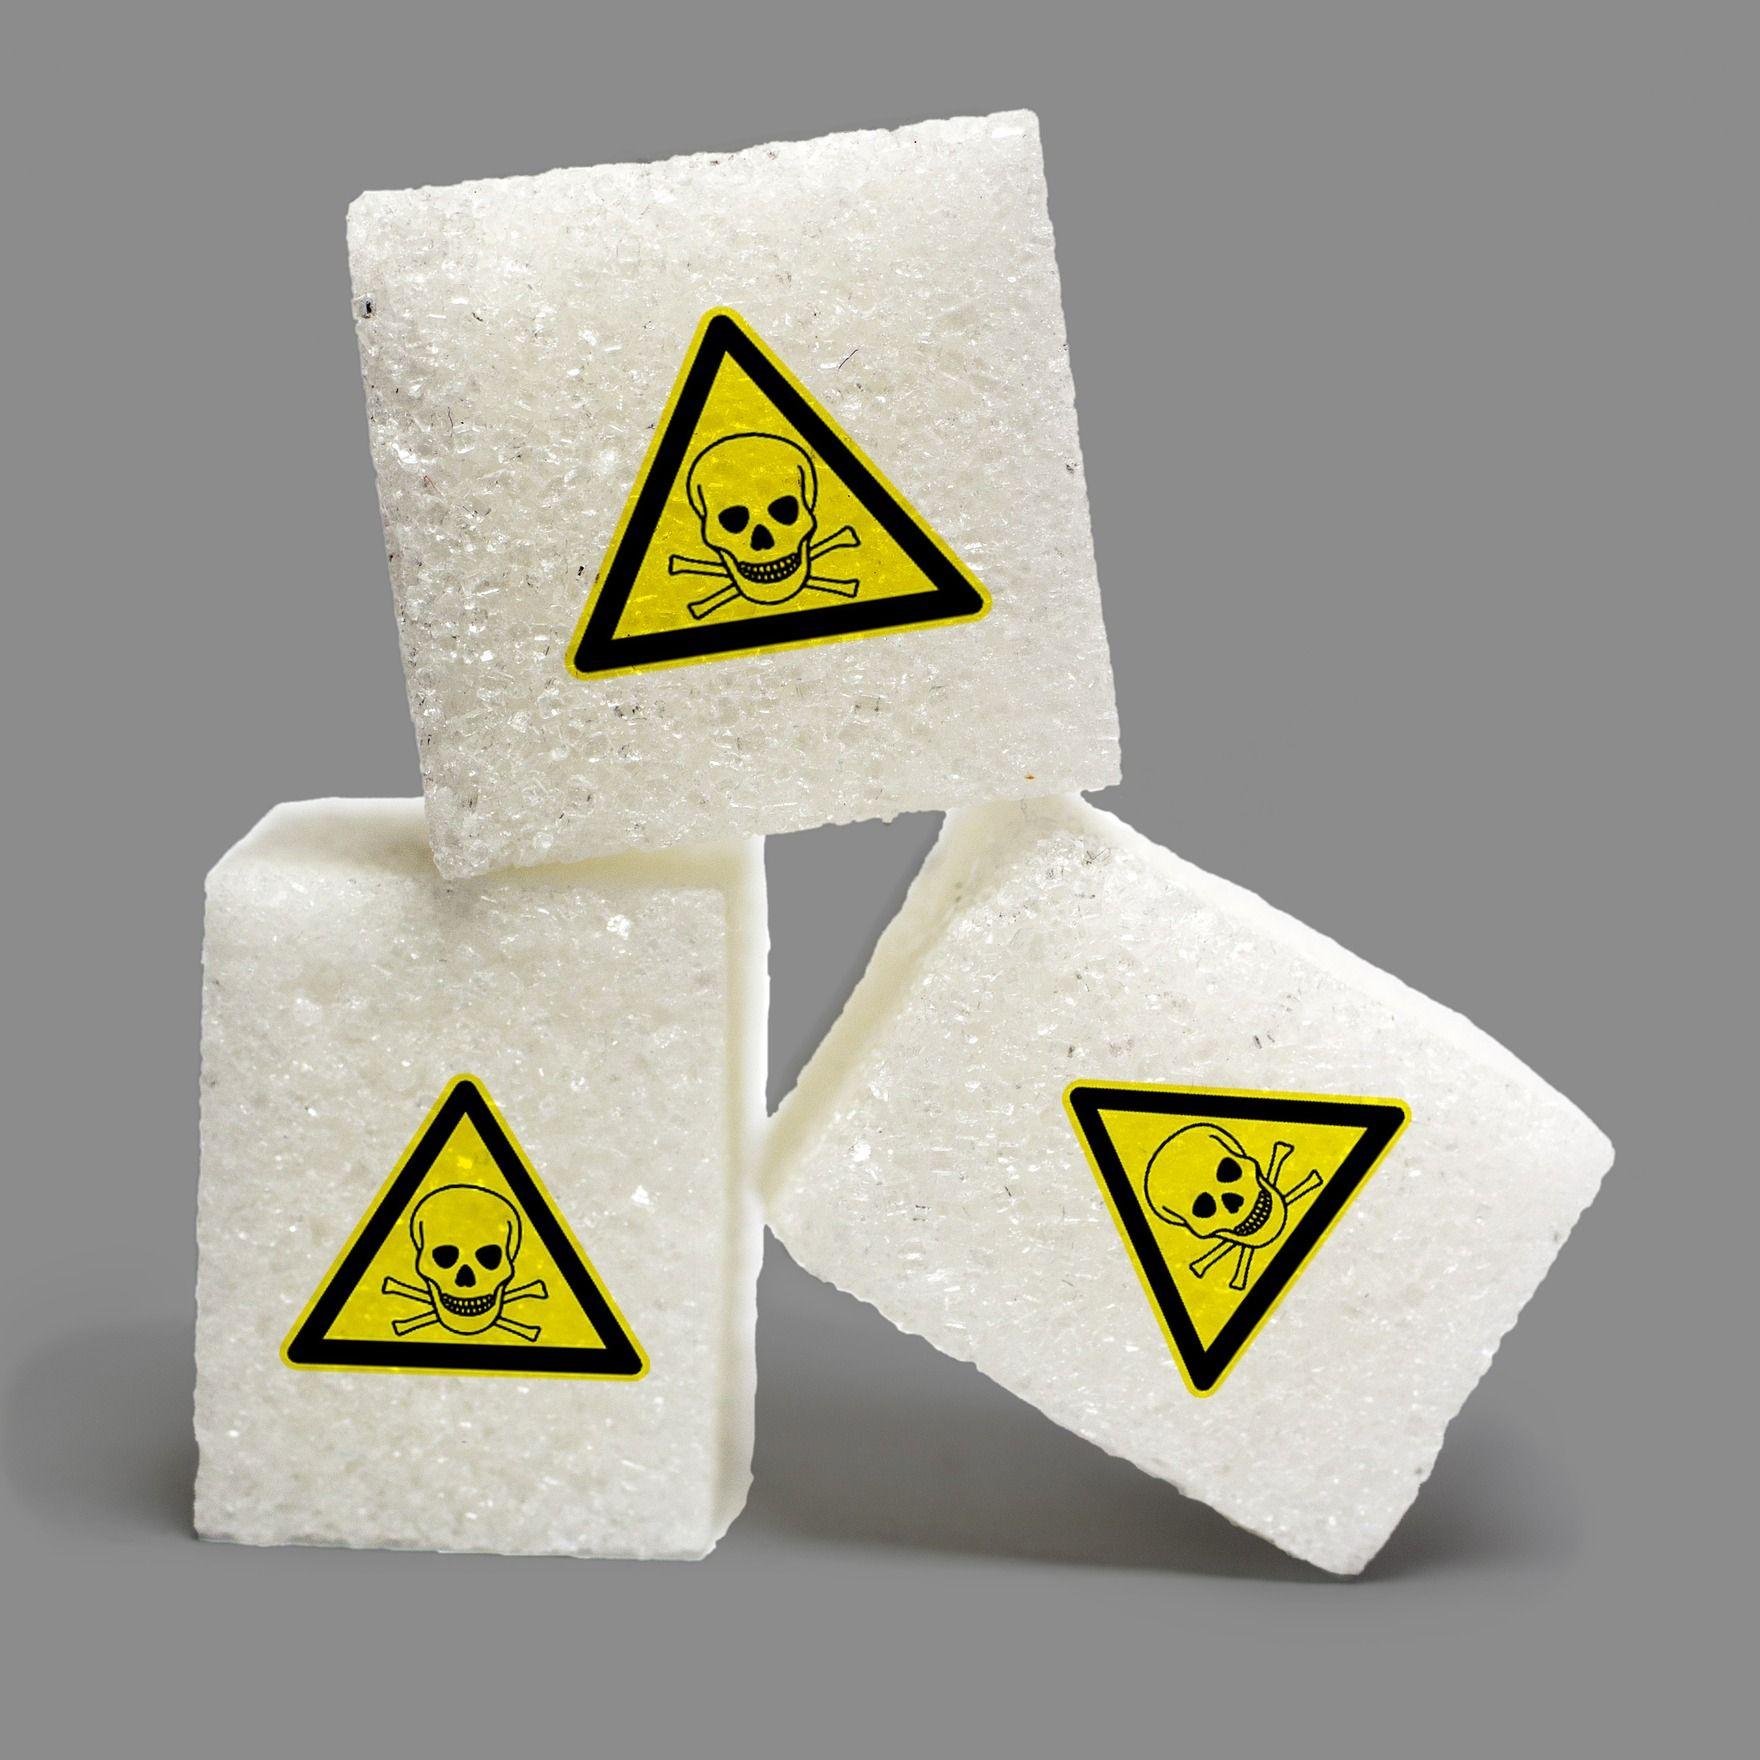 Faut Il supprimer le sucre de notre alimentation ?